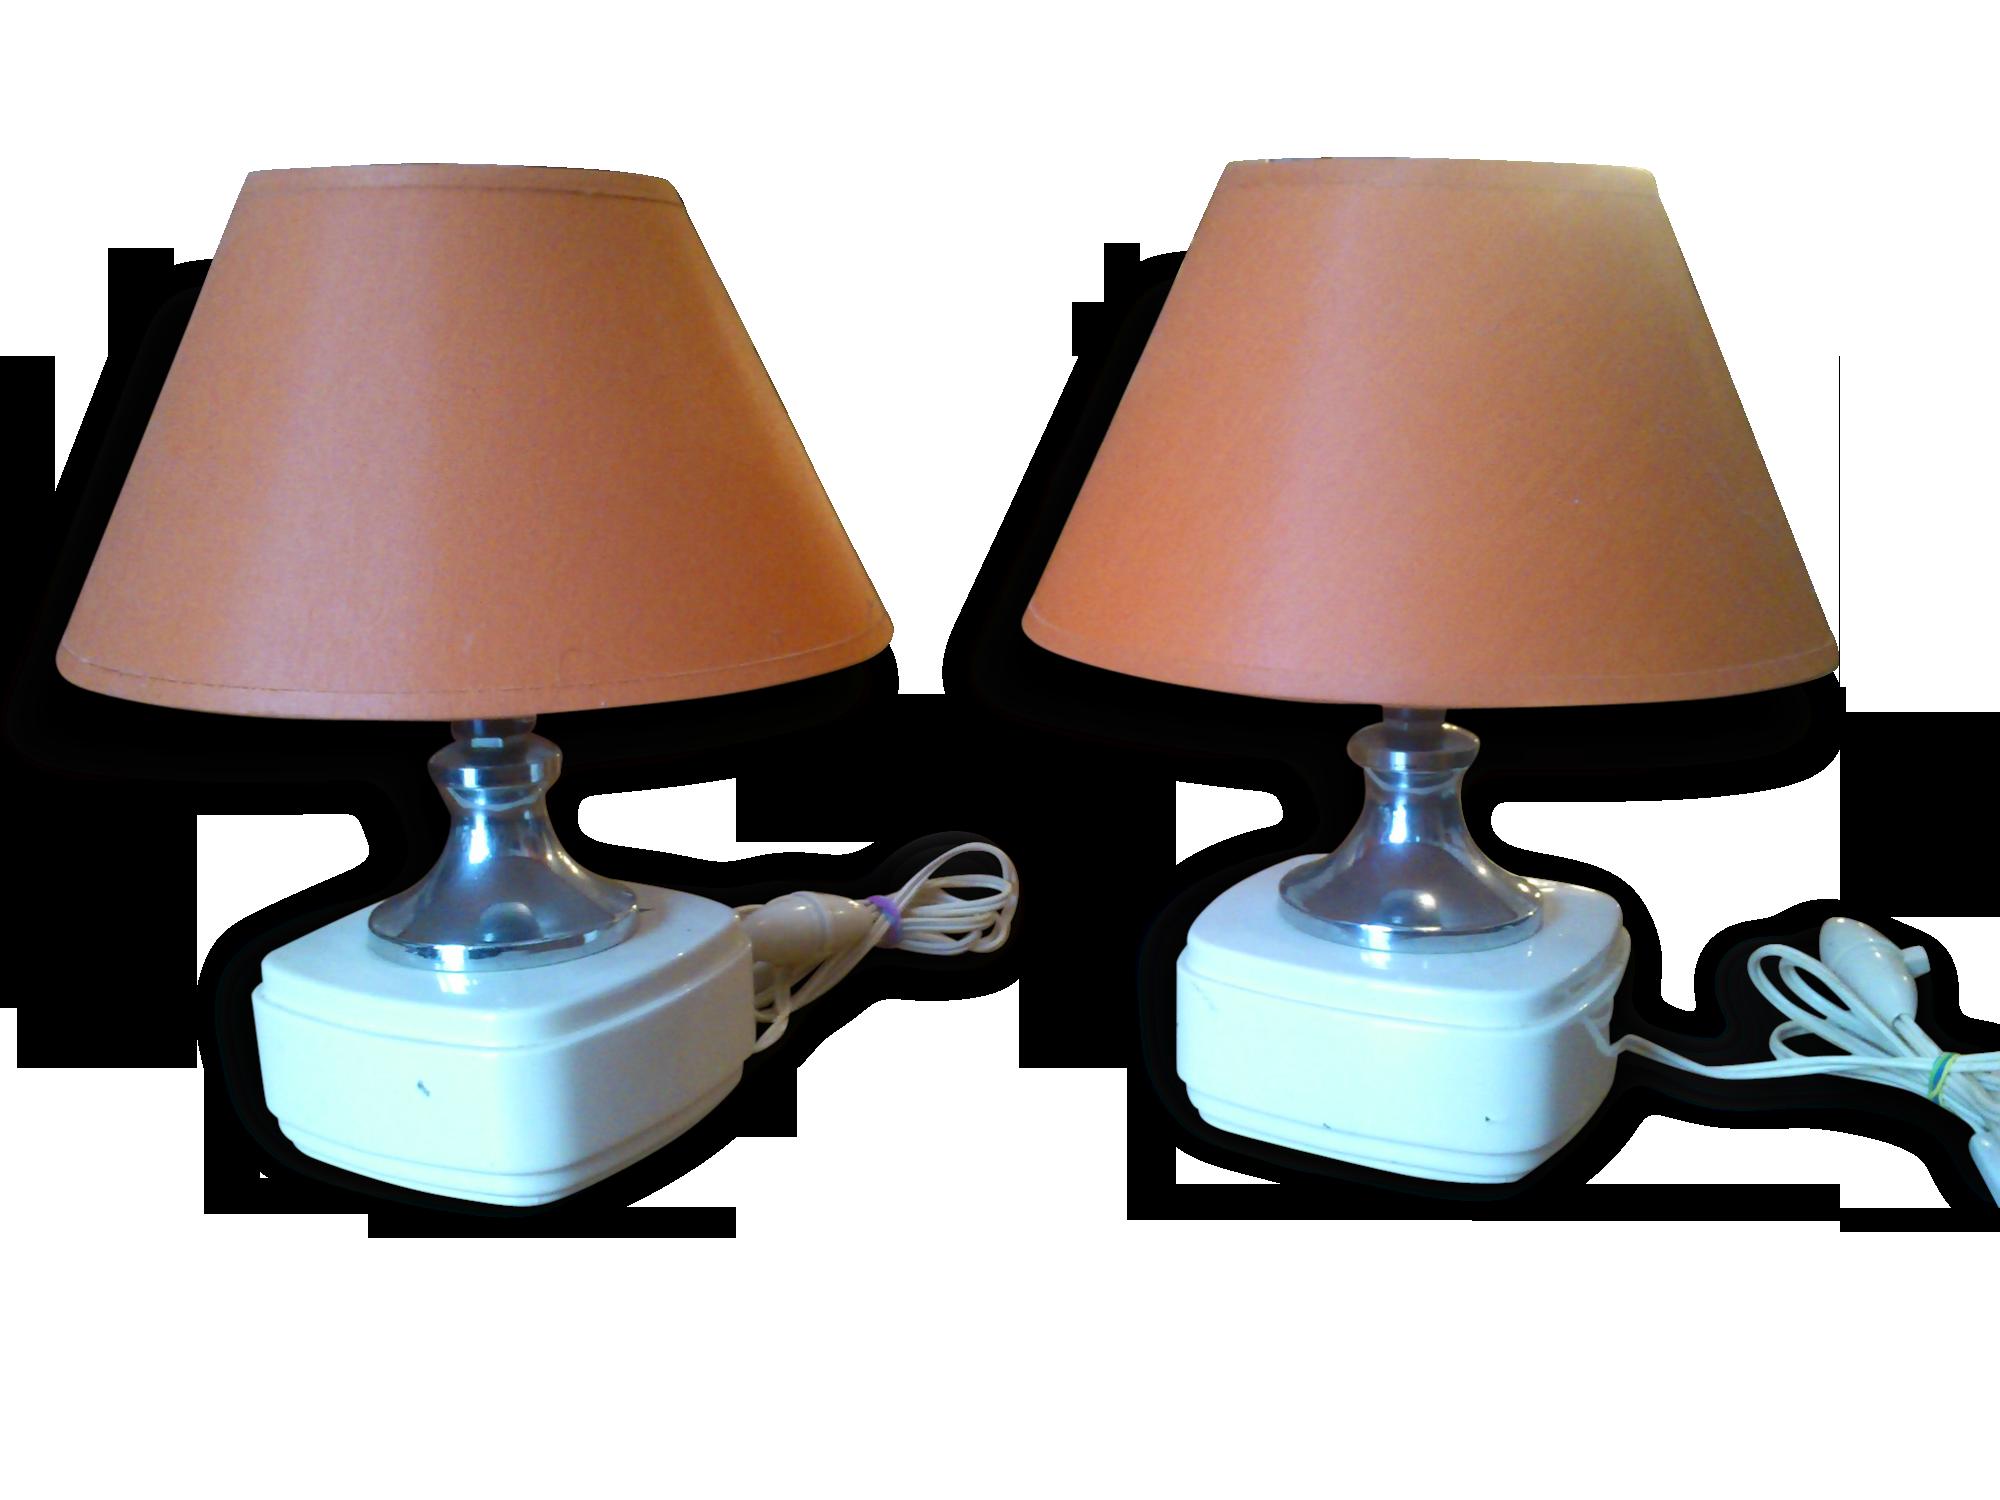 Monter Une Lampe De Chevet lampe de chevet vintage turquoise eclairage, lampes années 1960